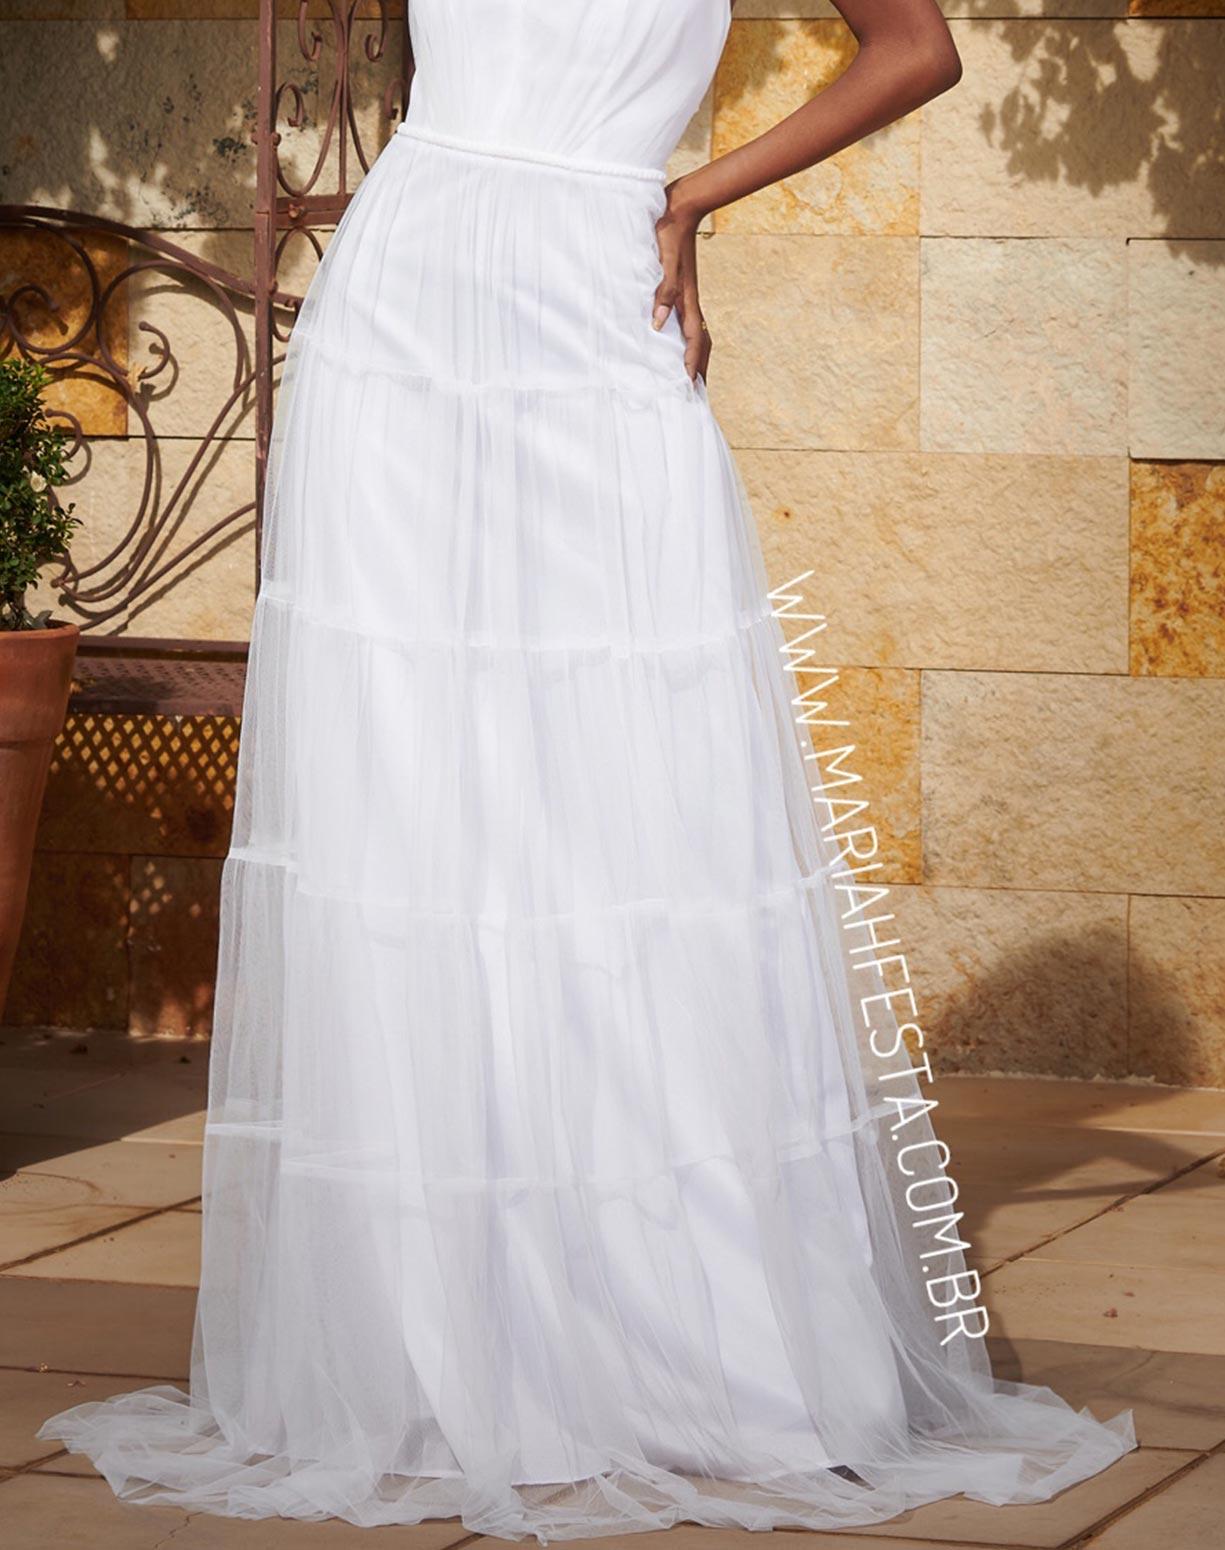 Vestido Branco em Tule com Saia Evasê em Camadas